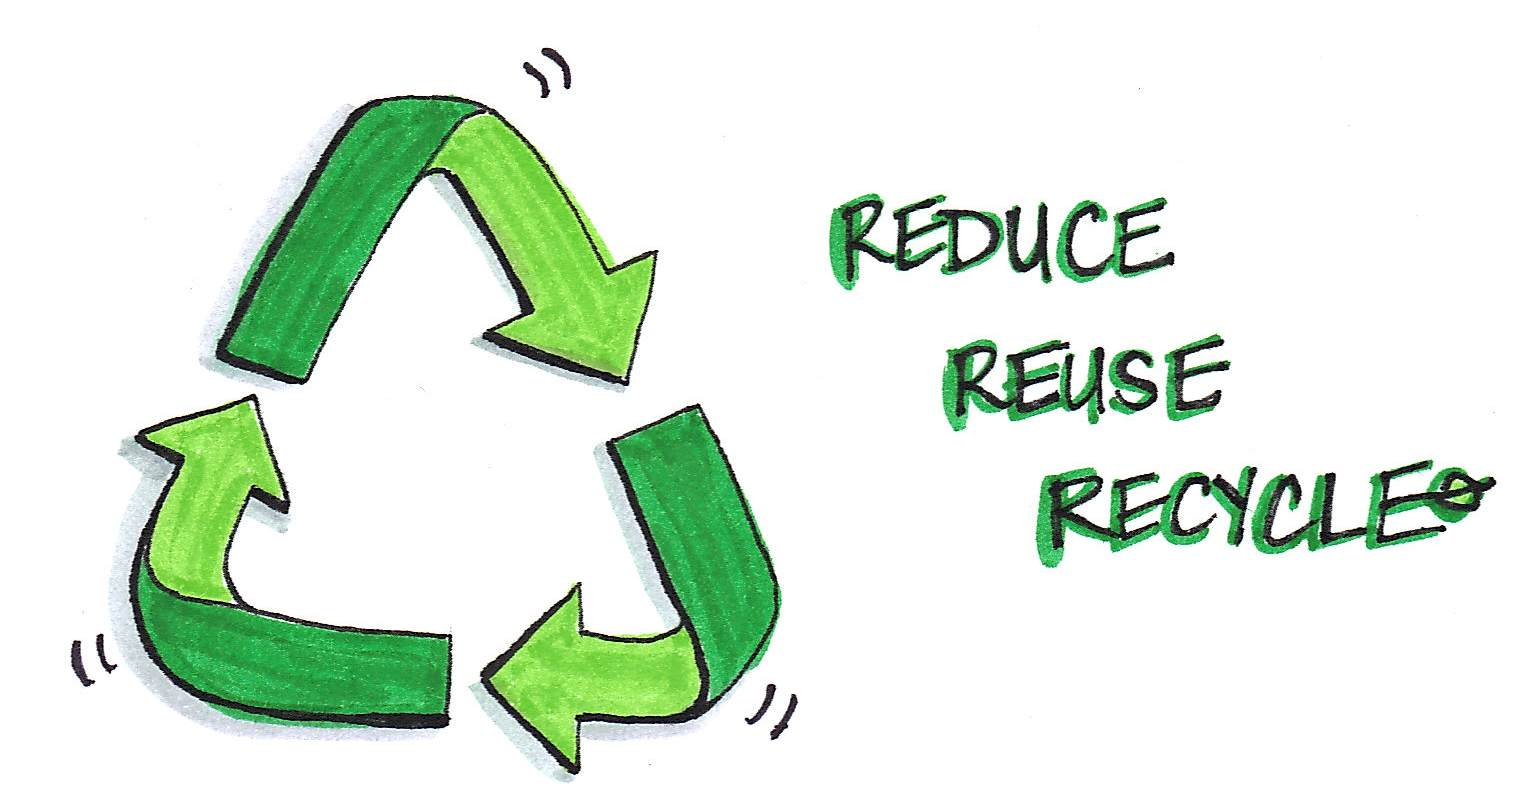 Reduce Reuse Recycle Kringloop Graphic